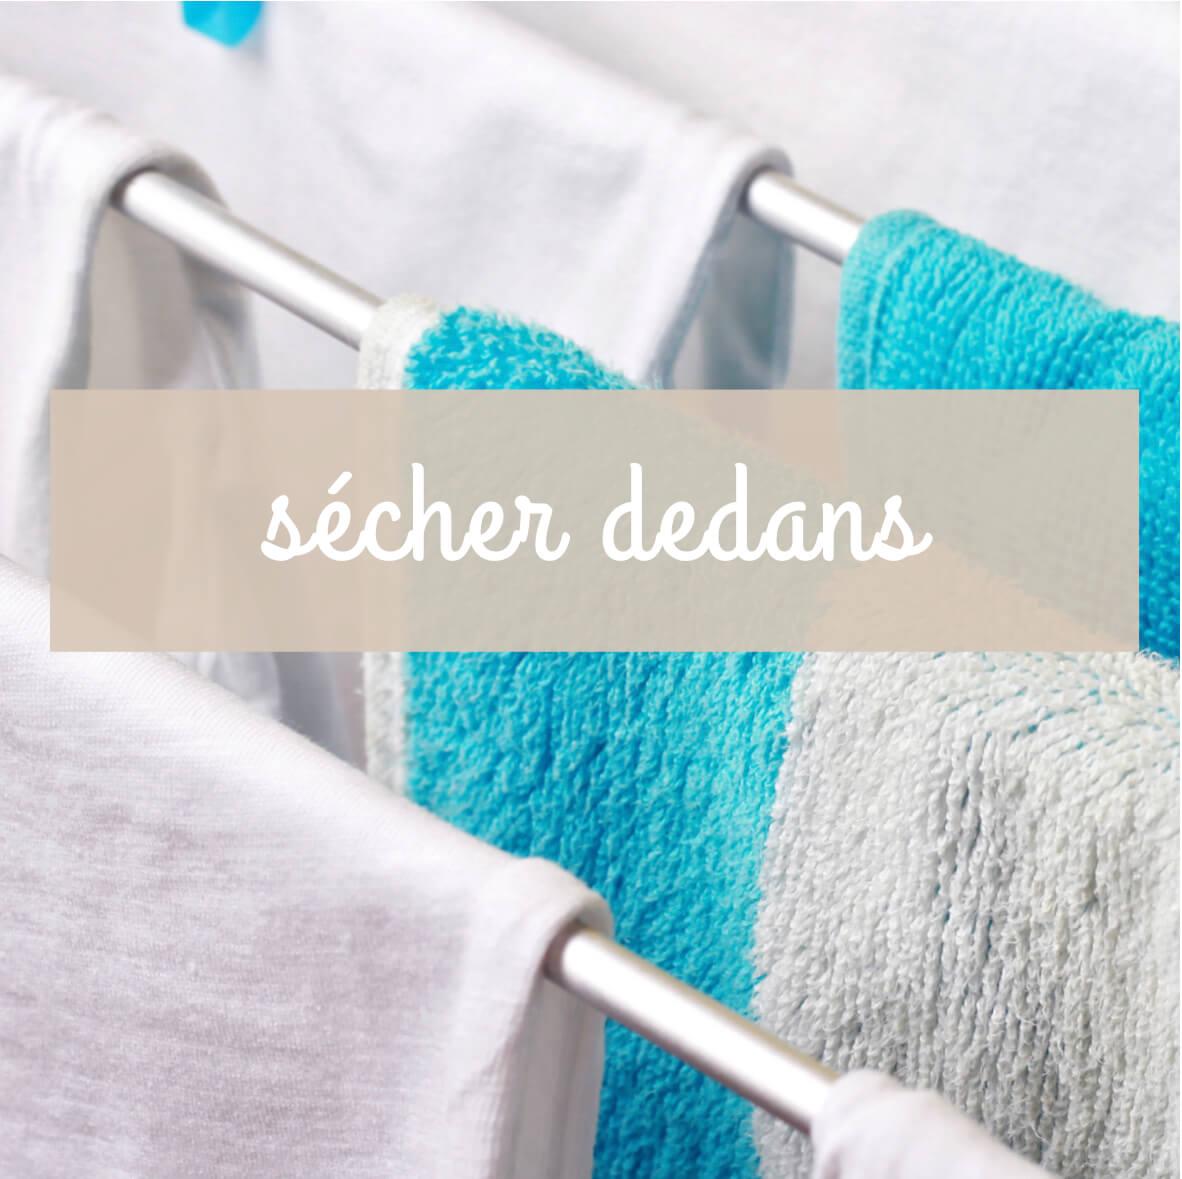 sechoirs a linge interieur | un grand choix de sechoirs interieurs pour la famille, les draps, la salle de bains